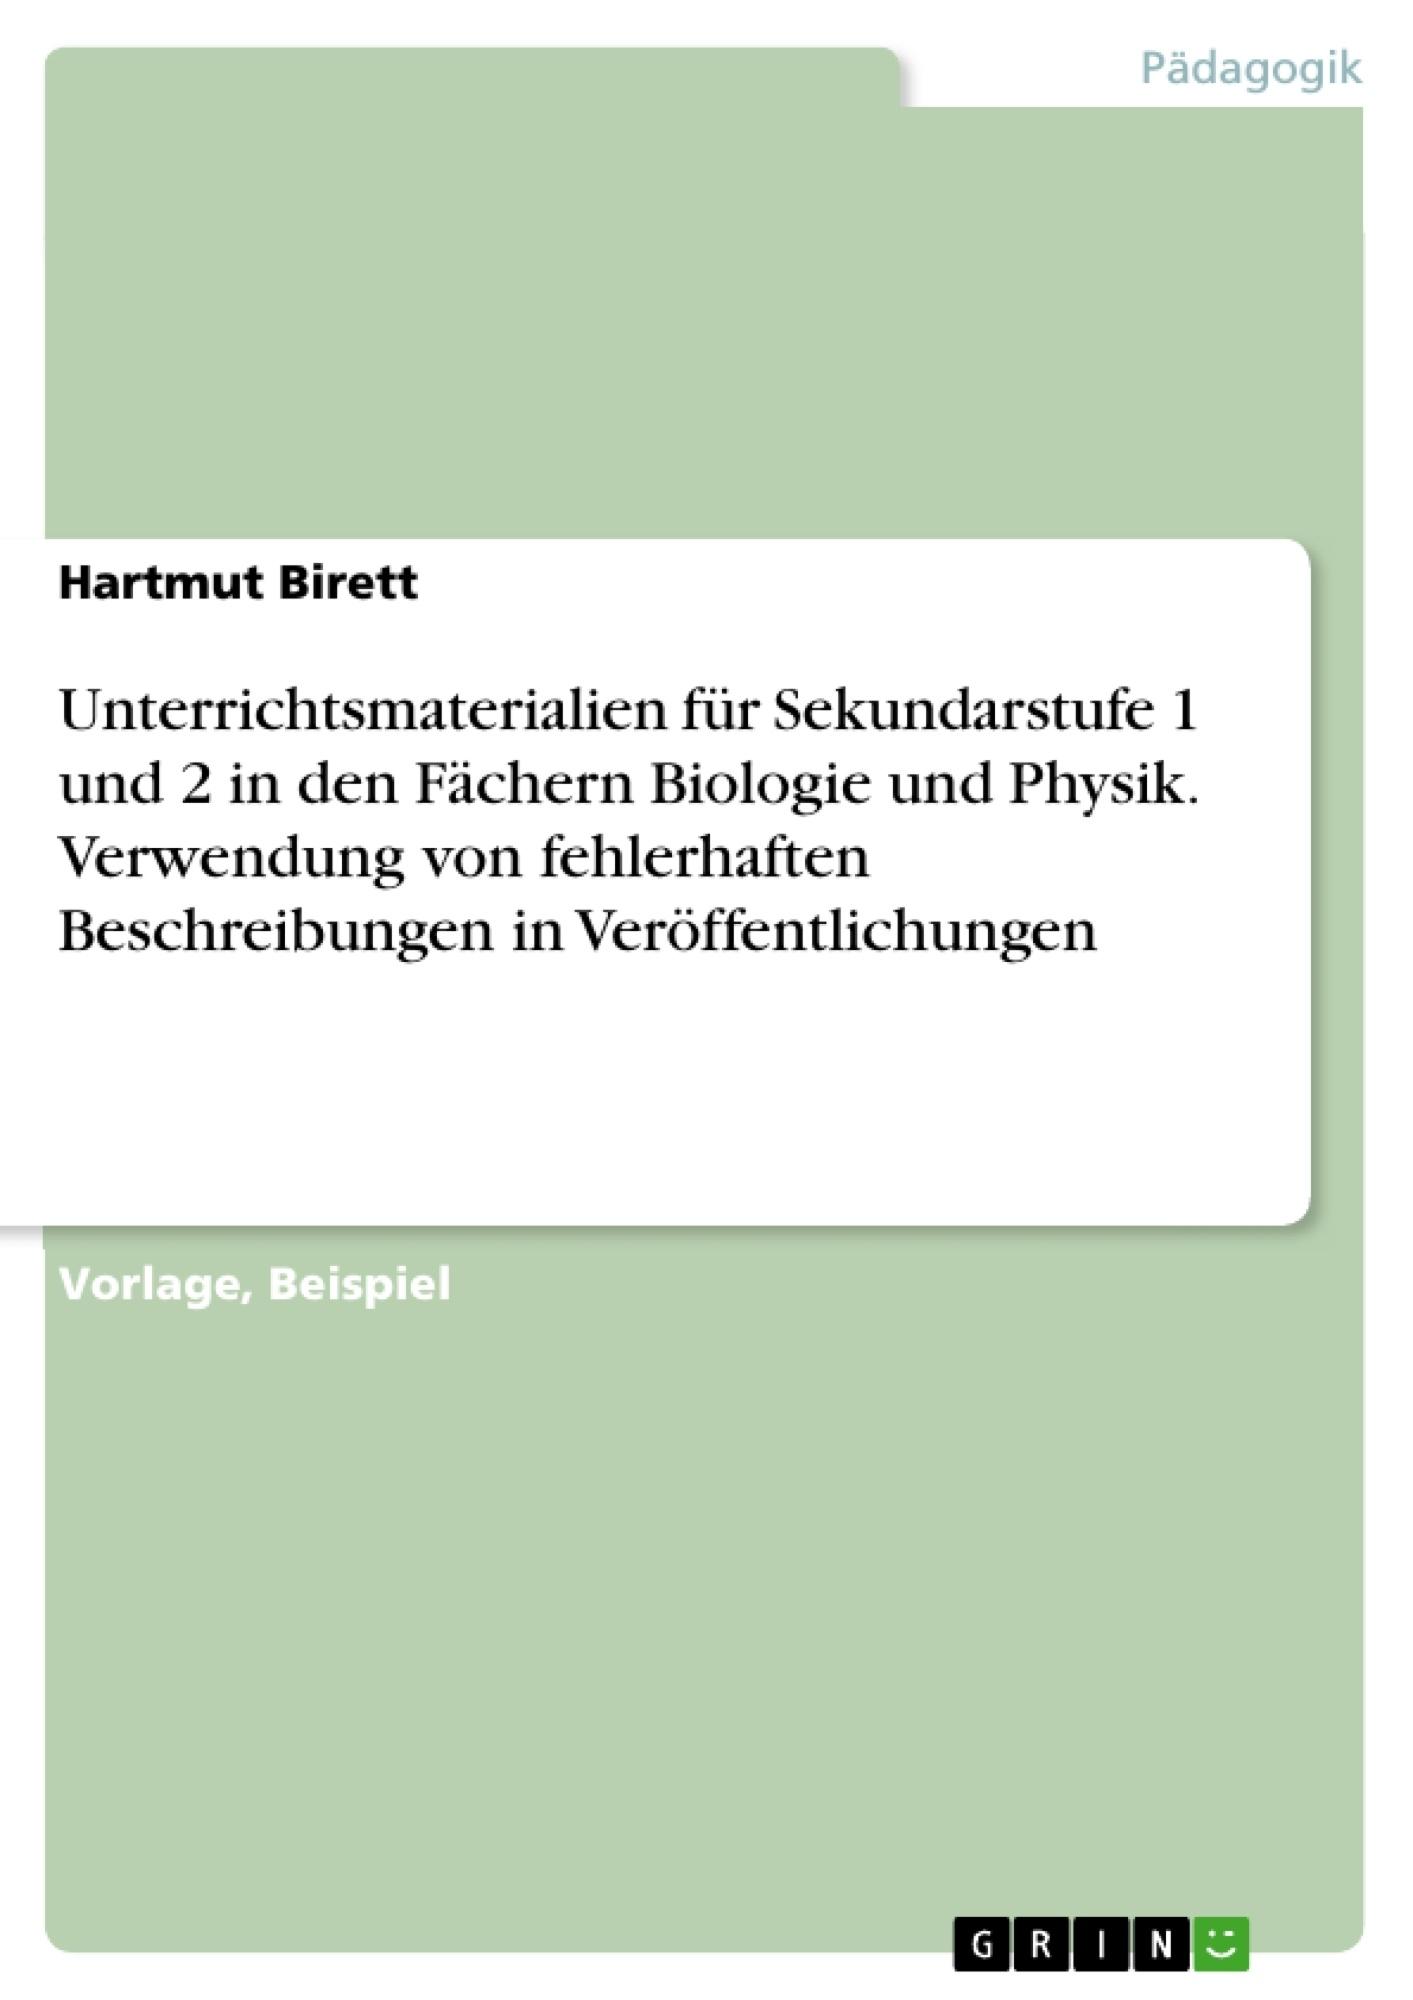 Titel: Unterrichtsmaterialien für Sekundarstufe 1 und 2 in den Fächern Biologie und Physik. Verwendung von fehlerhaften Beschreibungen in Veröffentlichungen